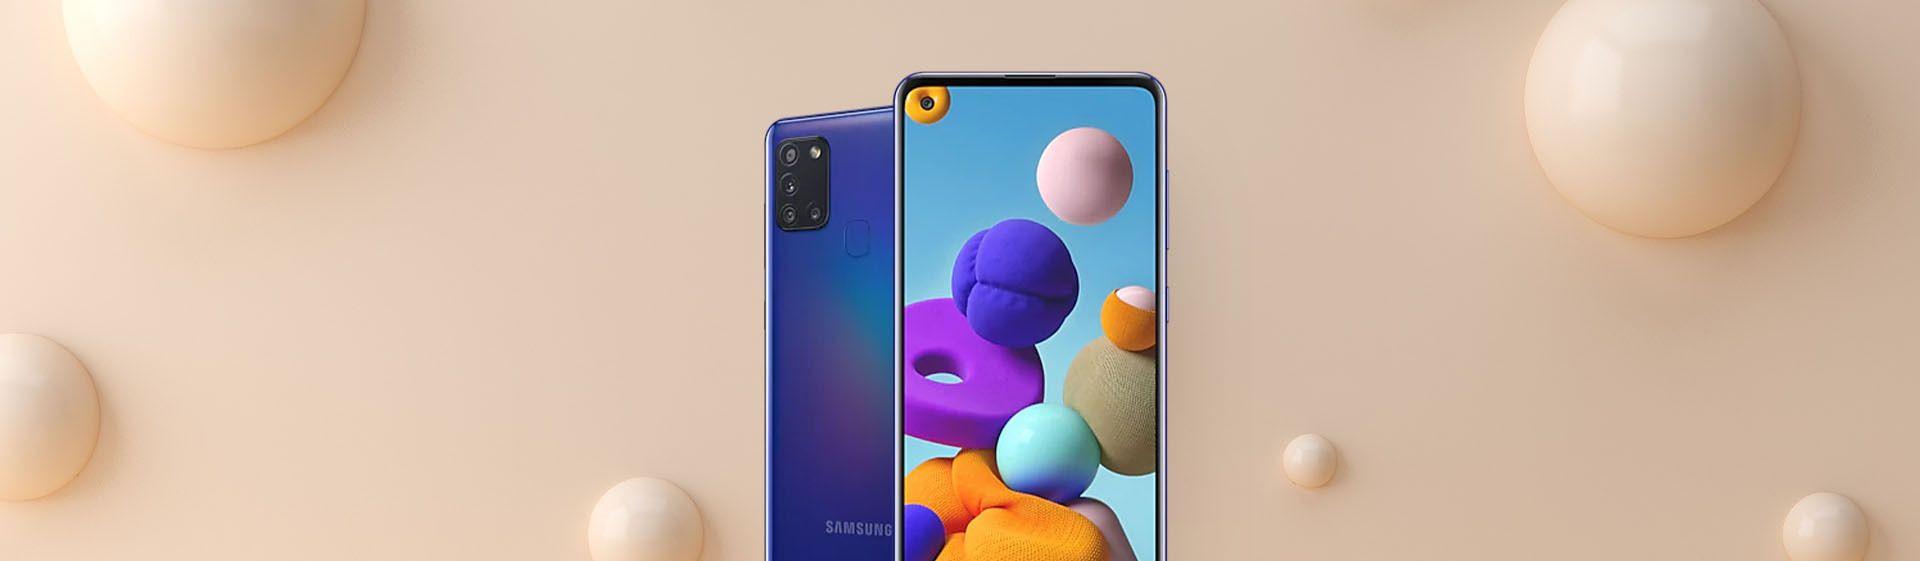 Galaxy A21s: análise da ficha técnica e preço do celular da Samsung